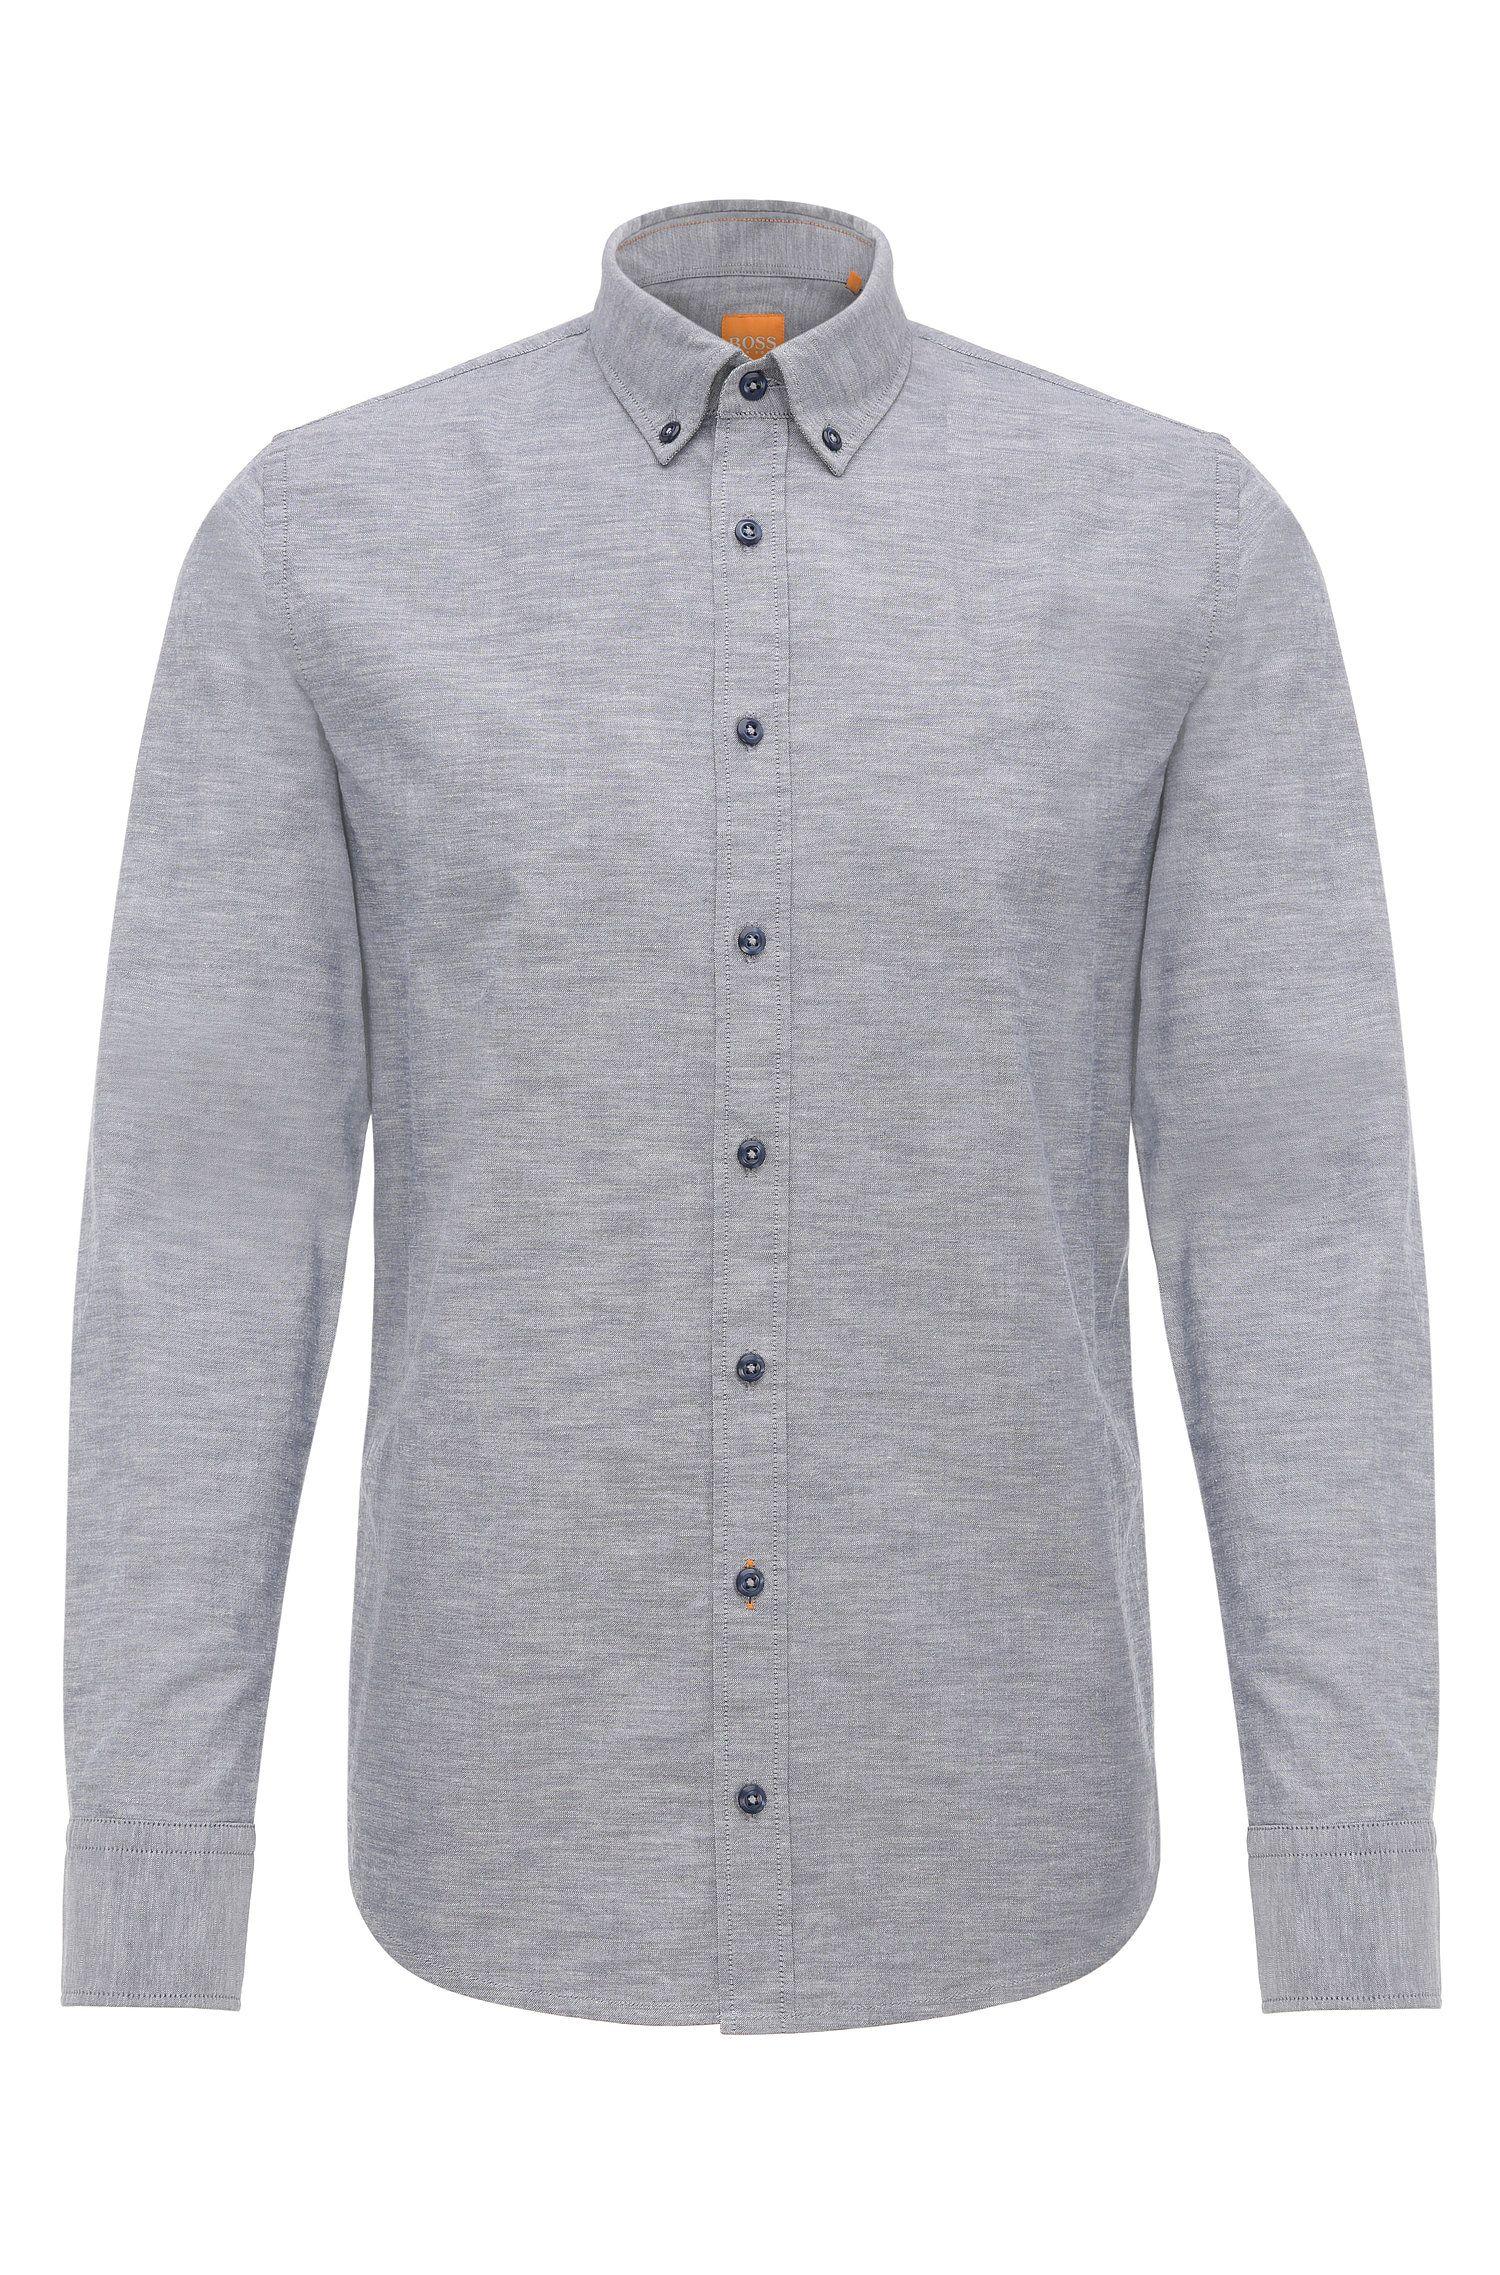 Mottled slim-fit shirt in cotton: 'Epreppy'